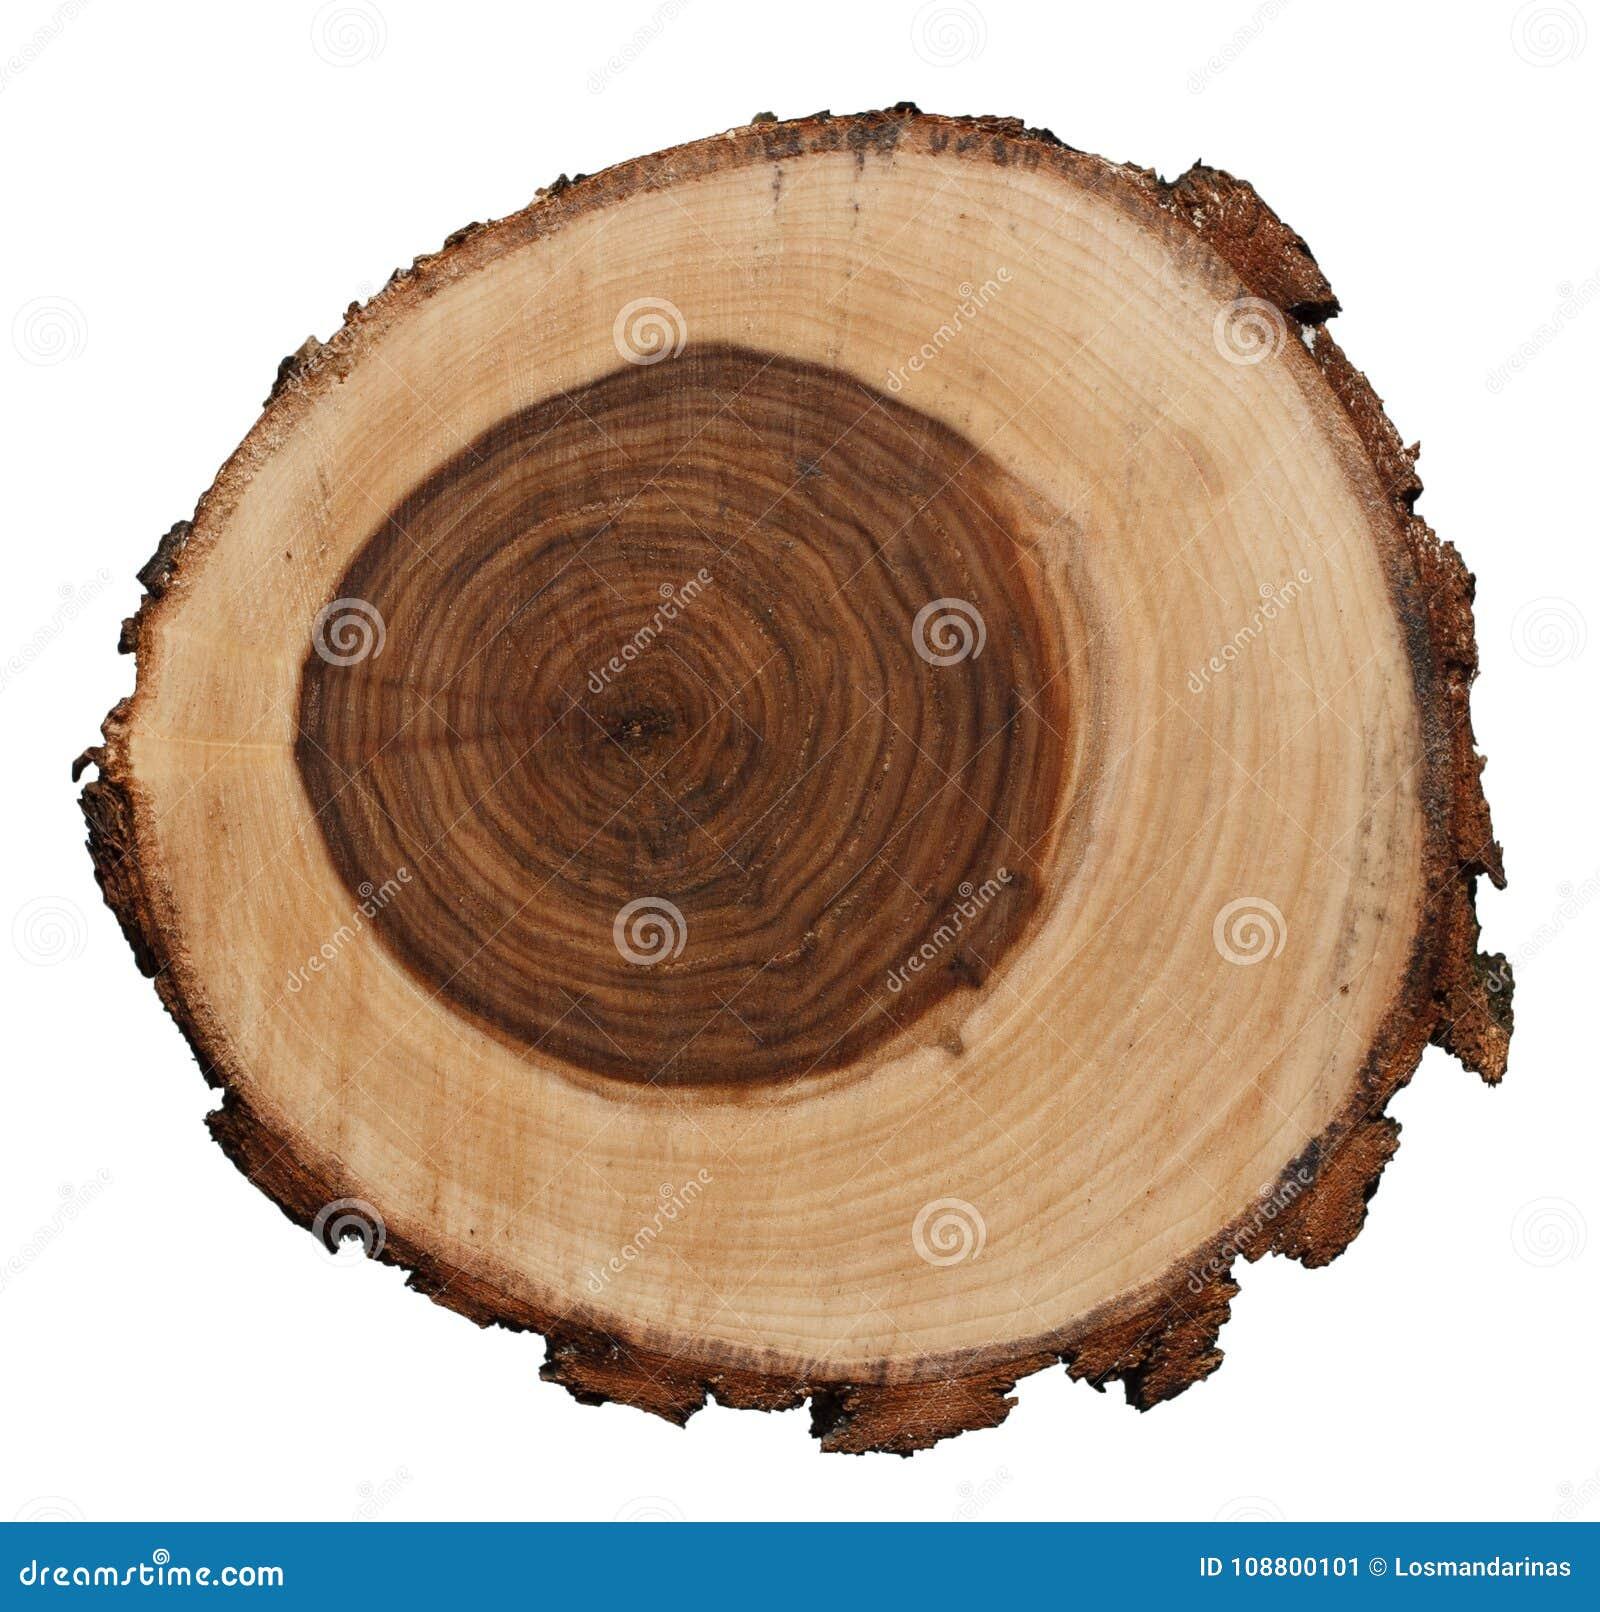 Querschnitt des Trauerweidebaumstammes lokalisiert auf weißem Hintergrund